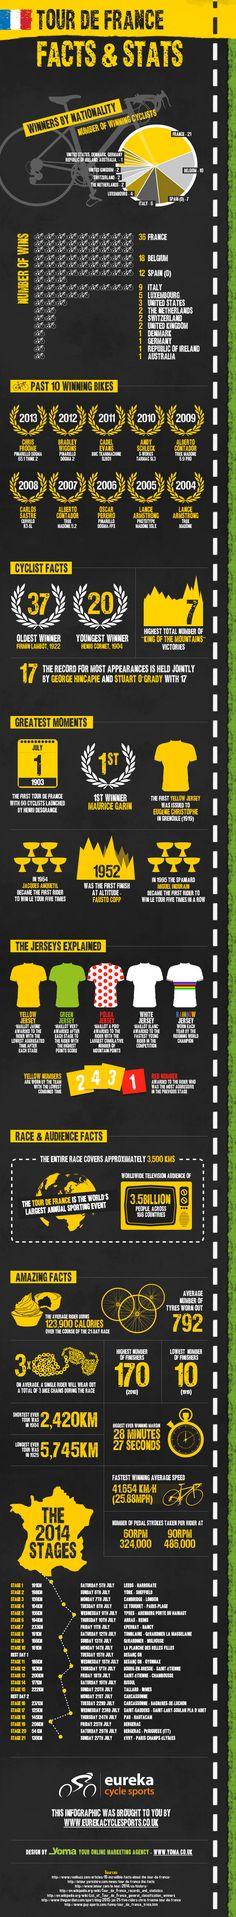 Tour De France Facts and Stats